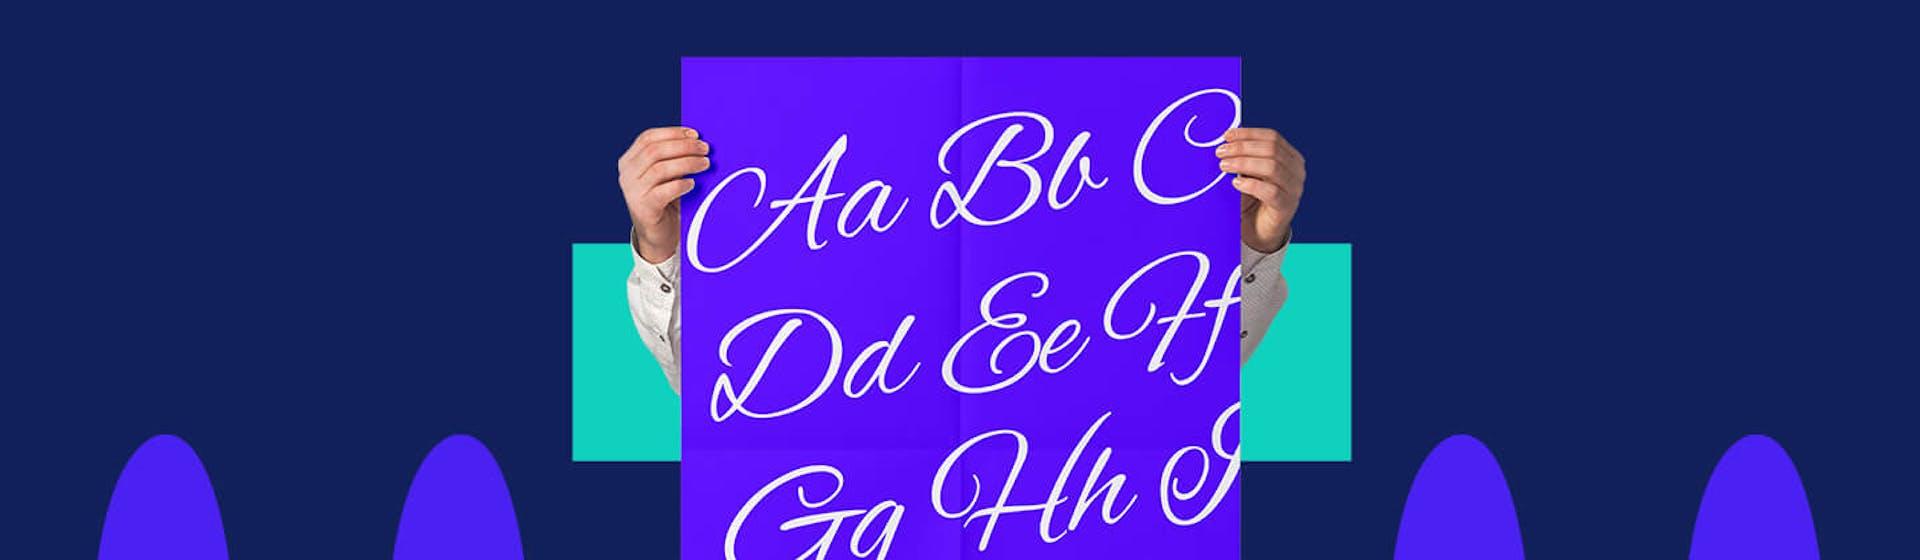 20 letras cursivas y elegantes para enamorar a tus clientes